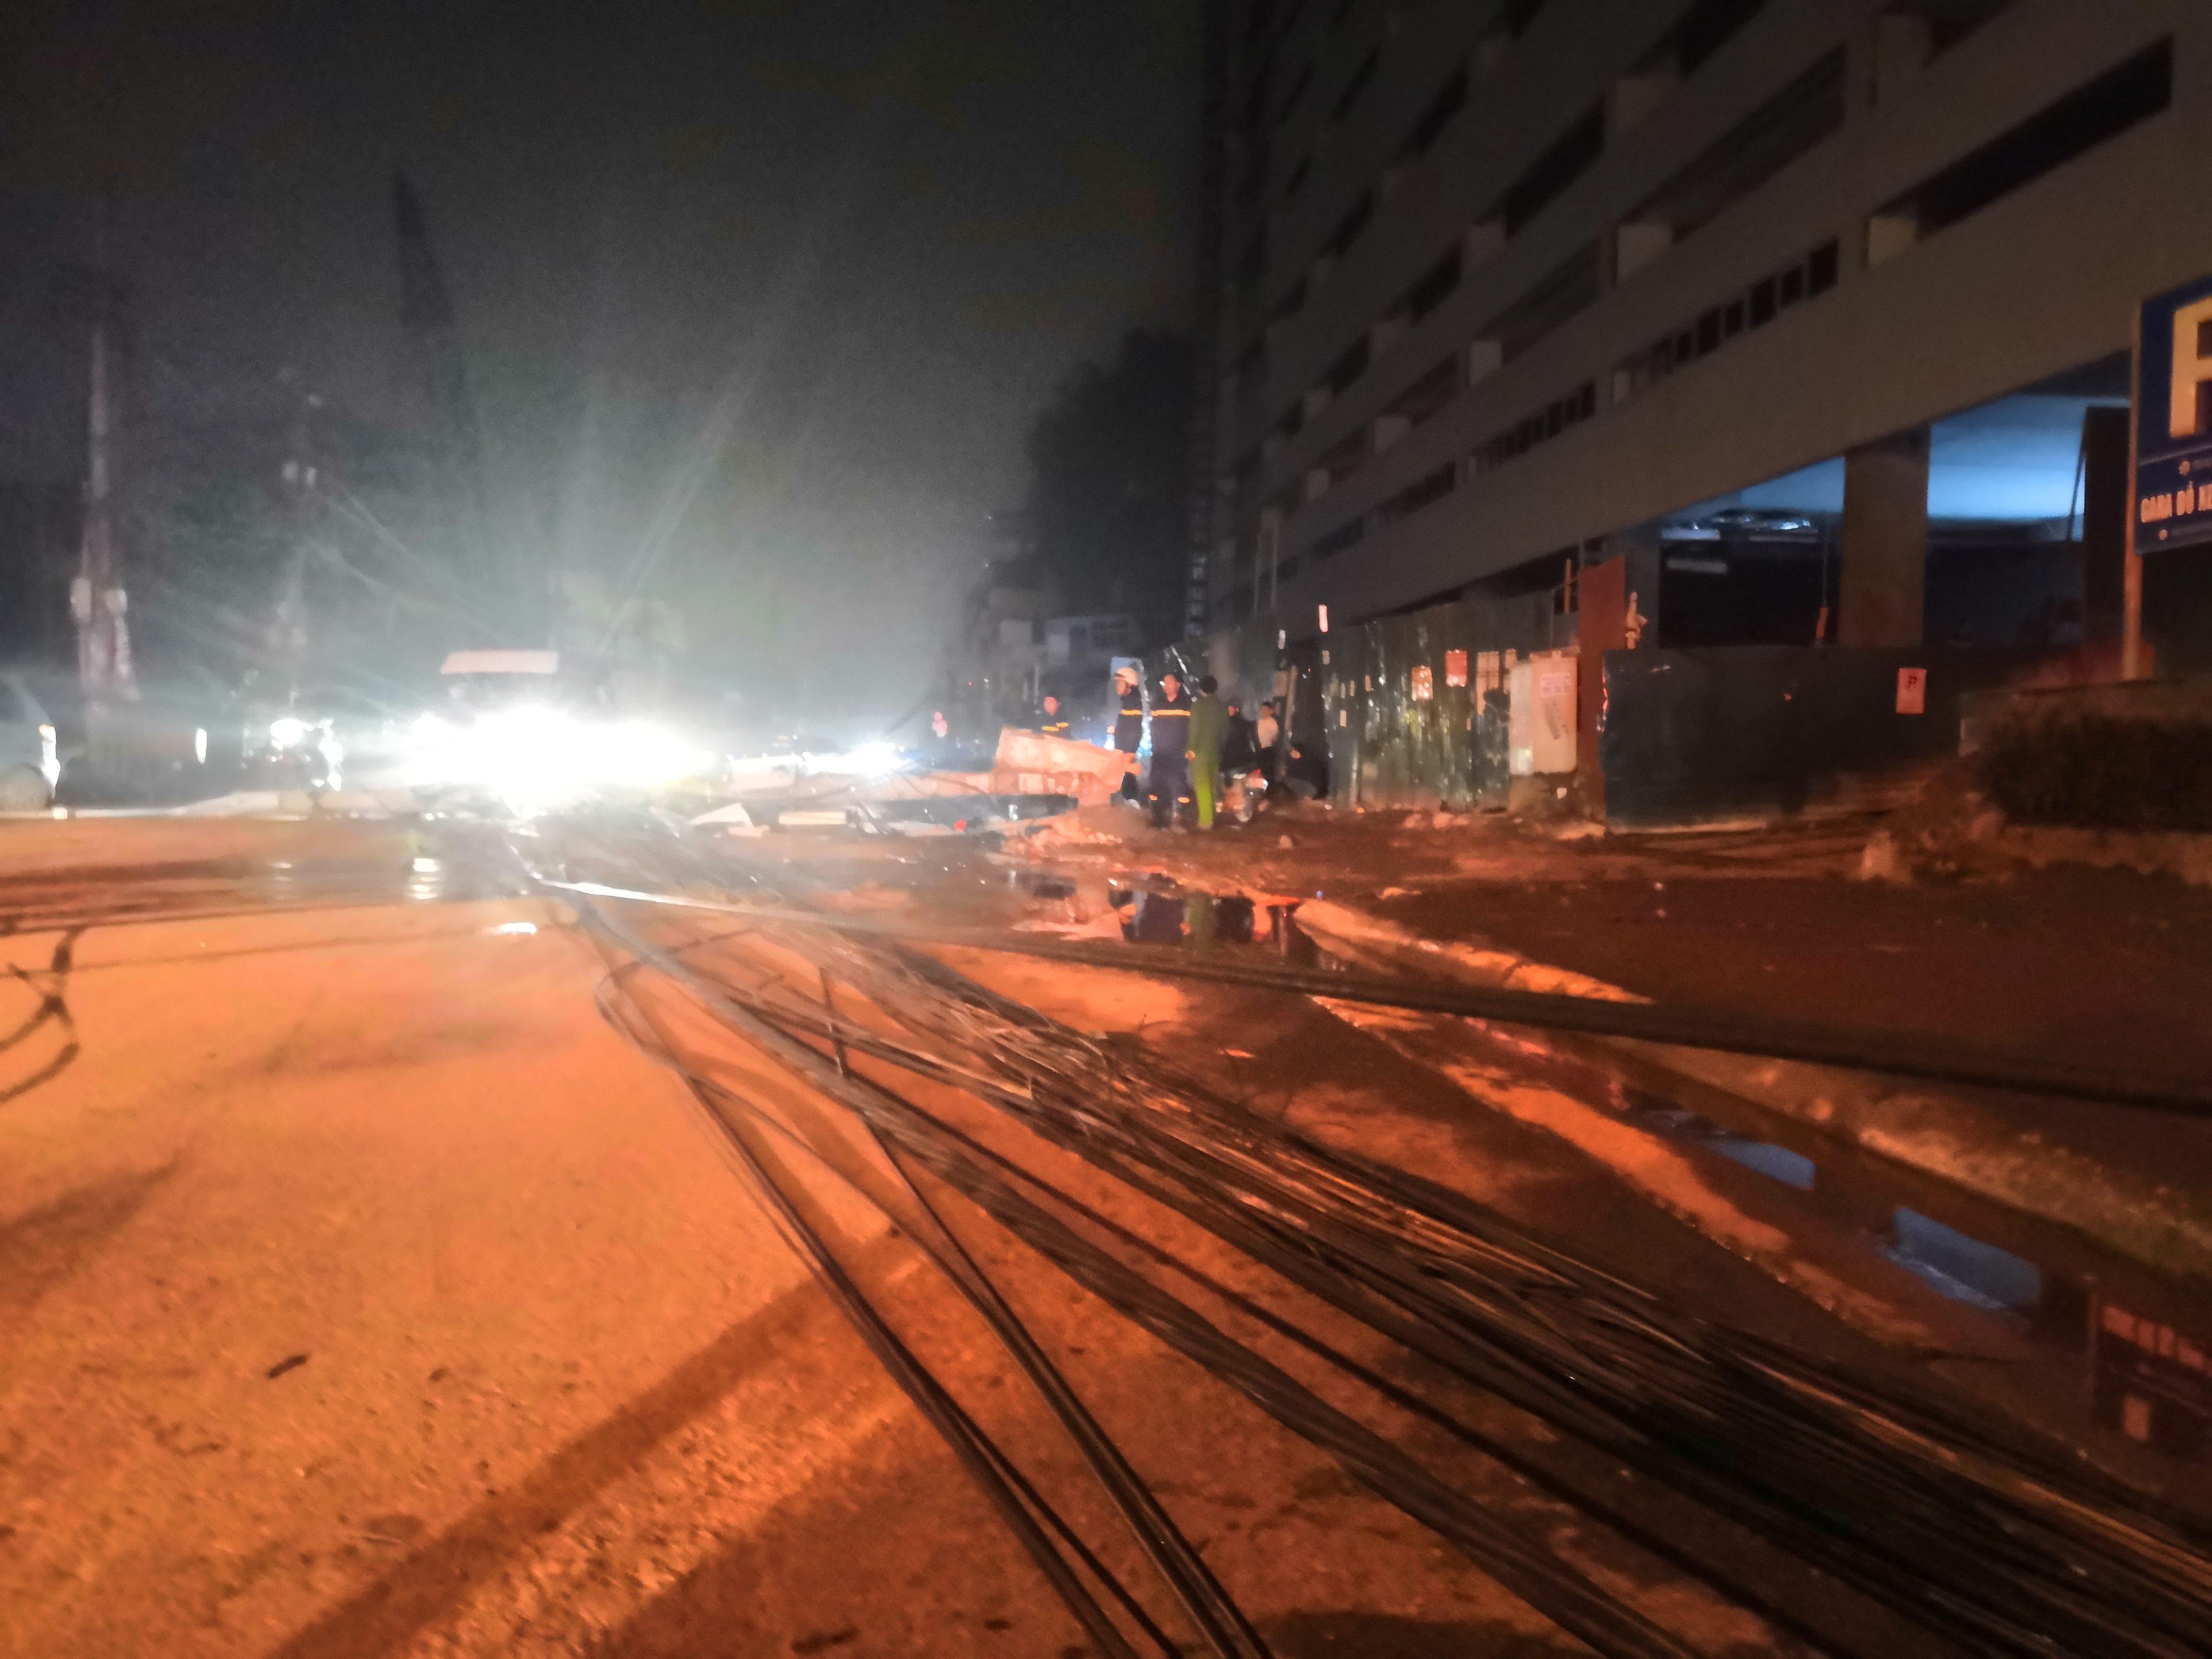 Xe bồn chở xăng kéo đổ 4 cột điện trong đêm, nhiều hộ dân mất điện Ảnh 6